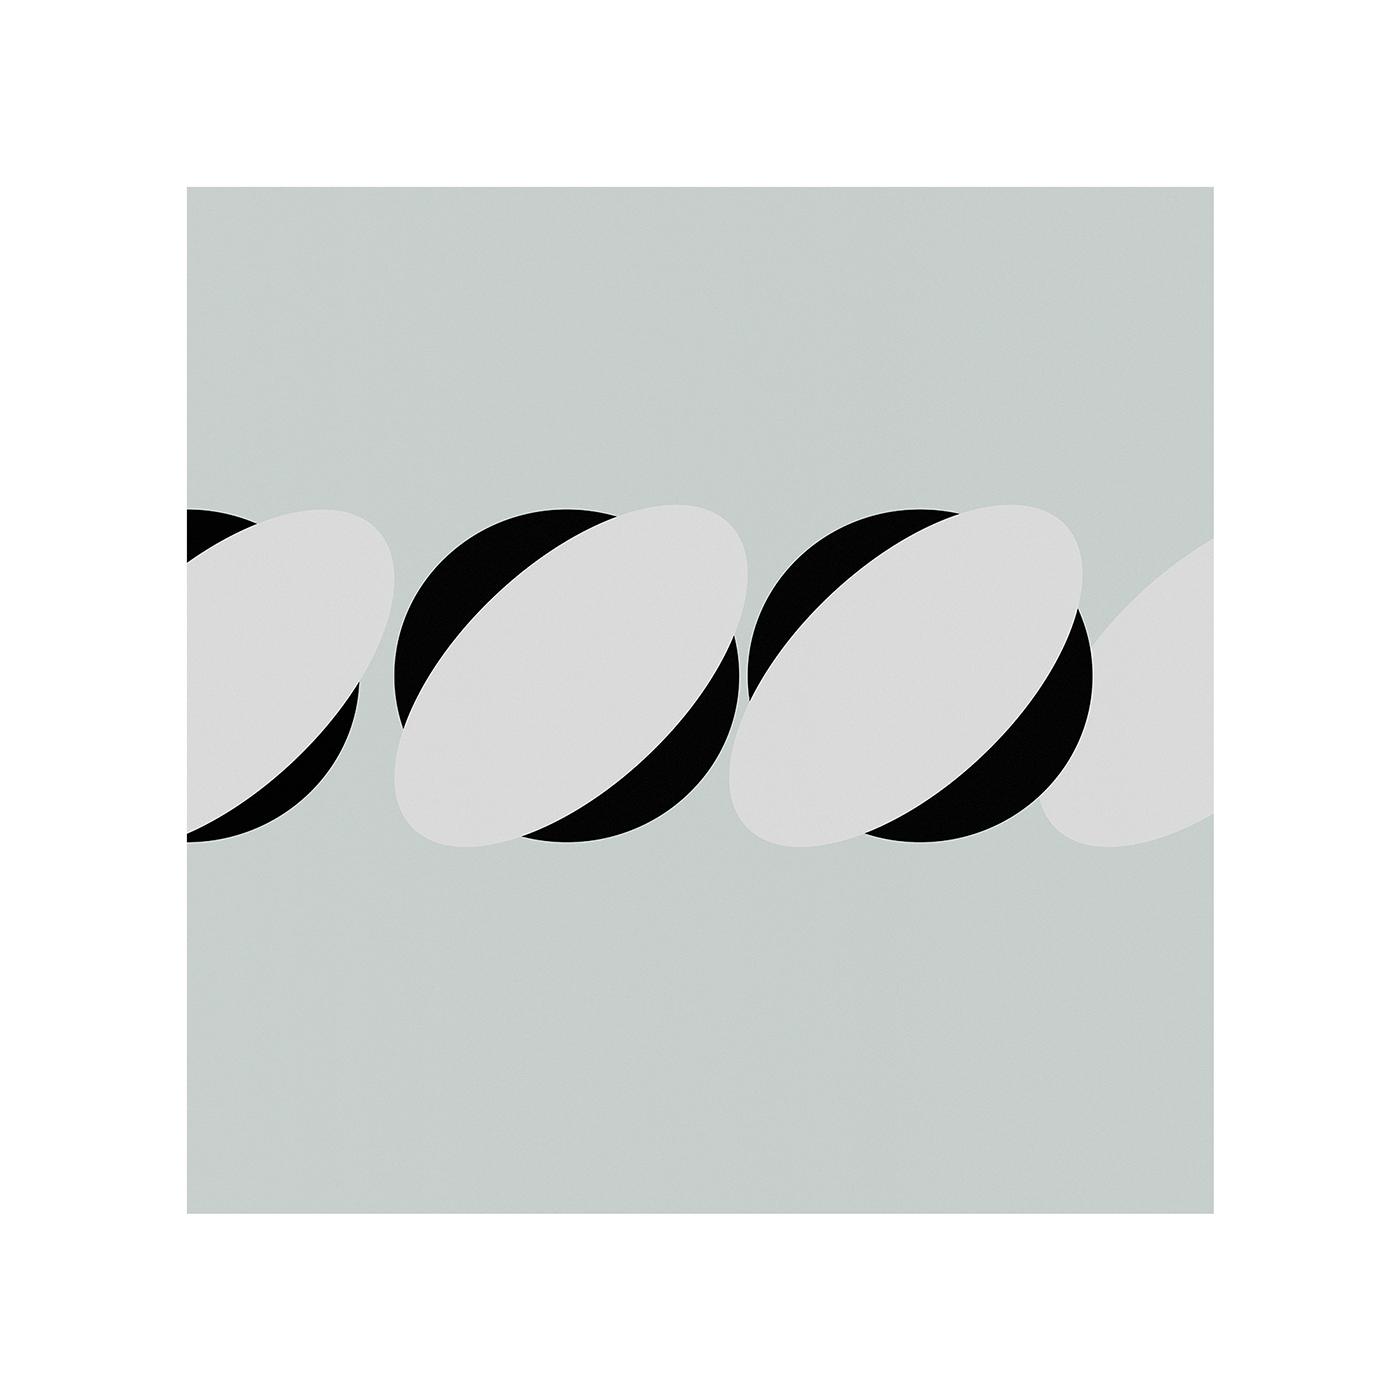 MPSQ000000XXX(10003) copy_MAIN